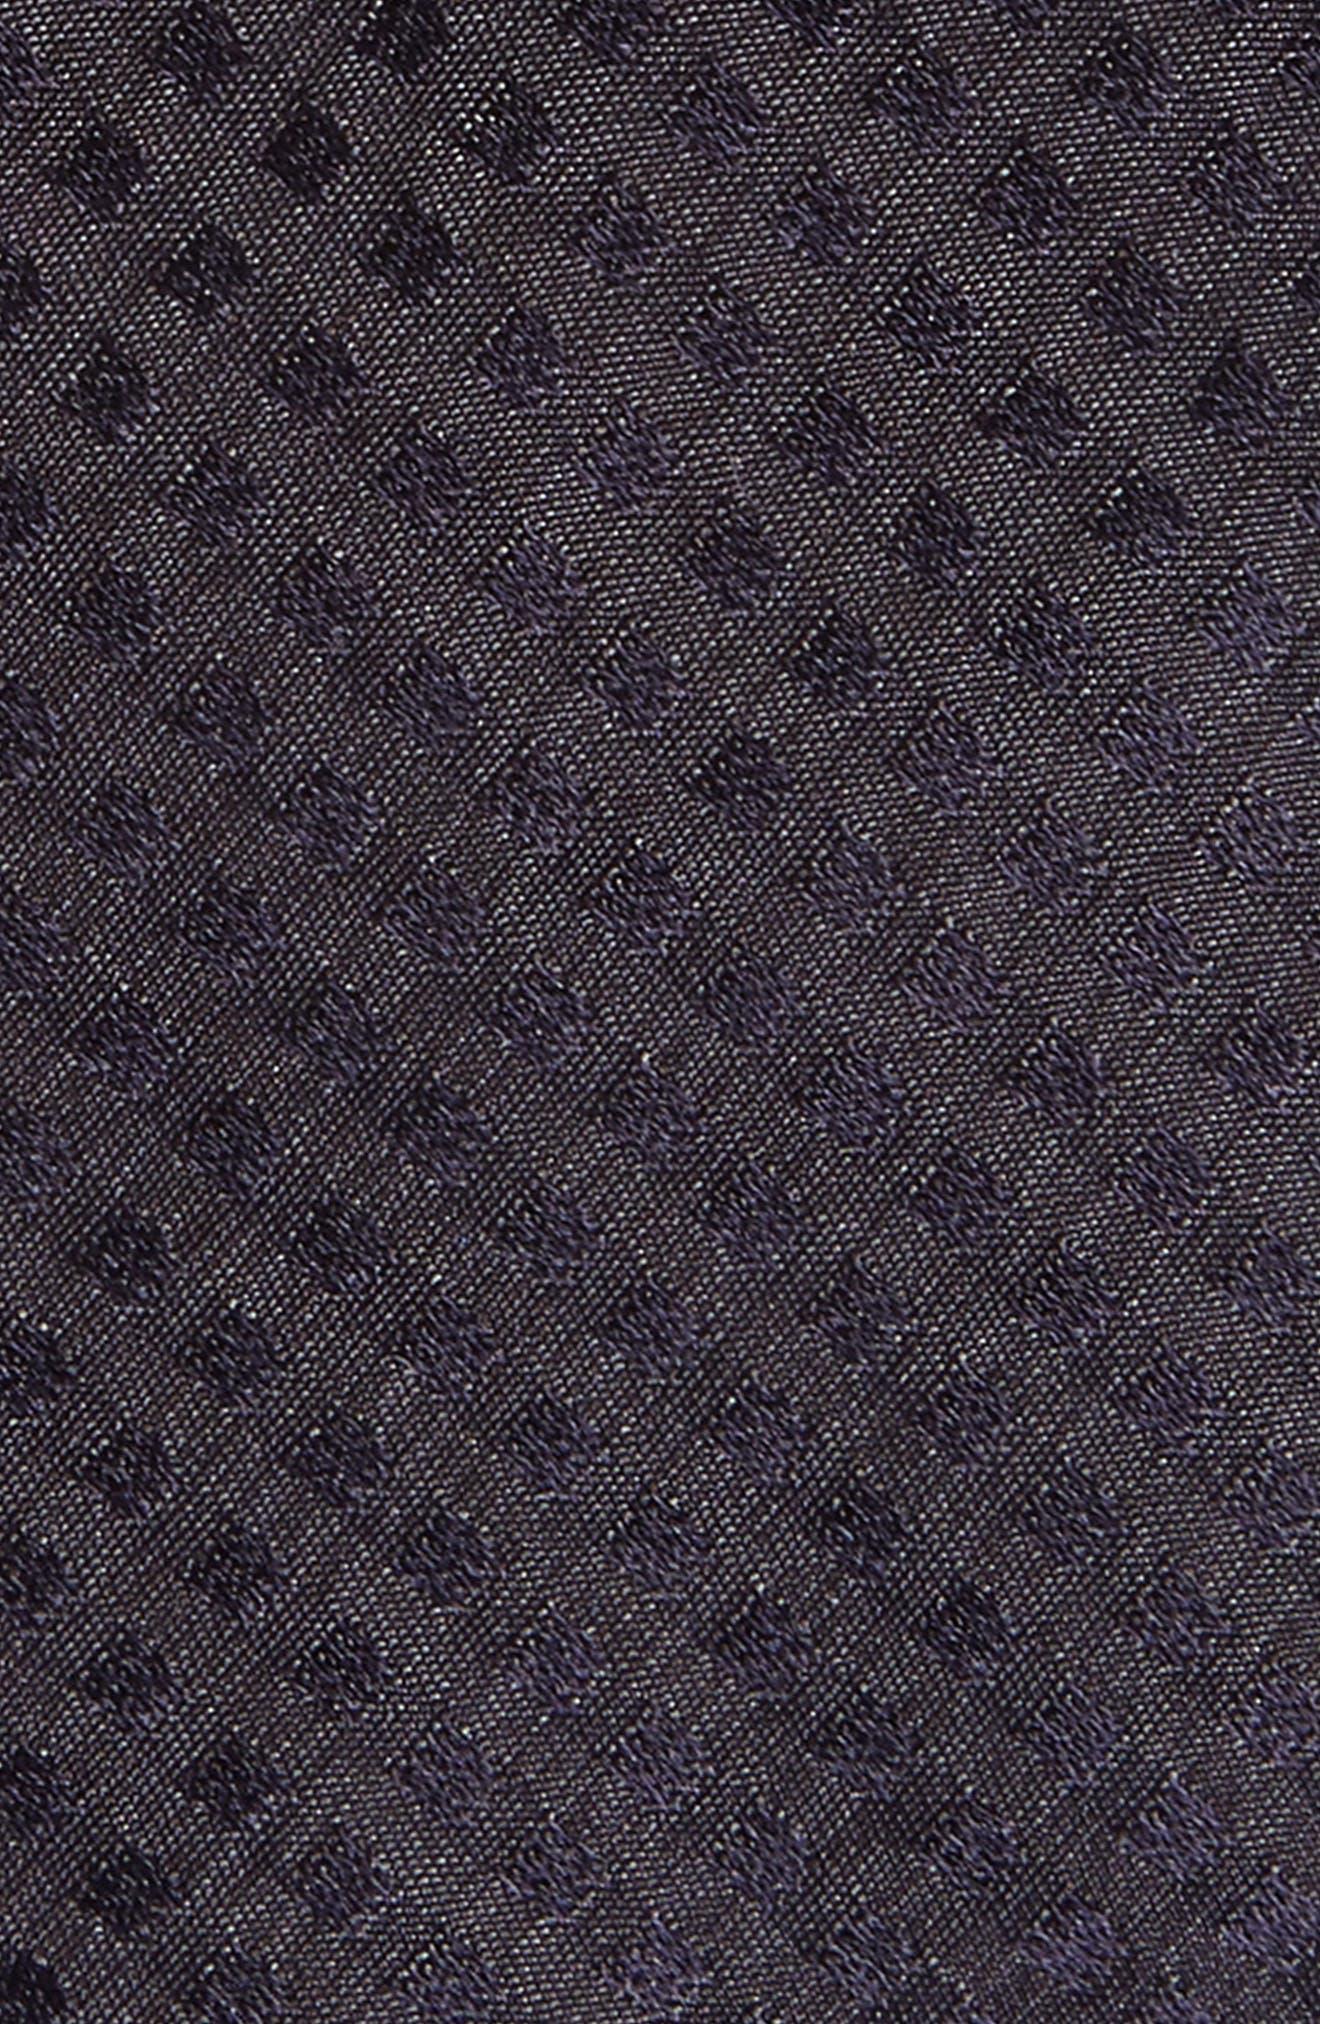 Dot Skinny Silk Tie,                             Alternate thumbnail 2, color,                             410